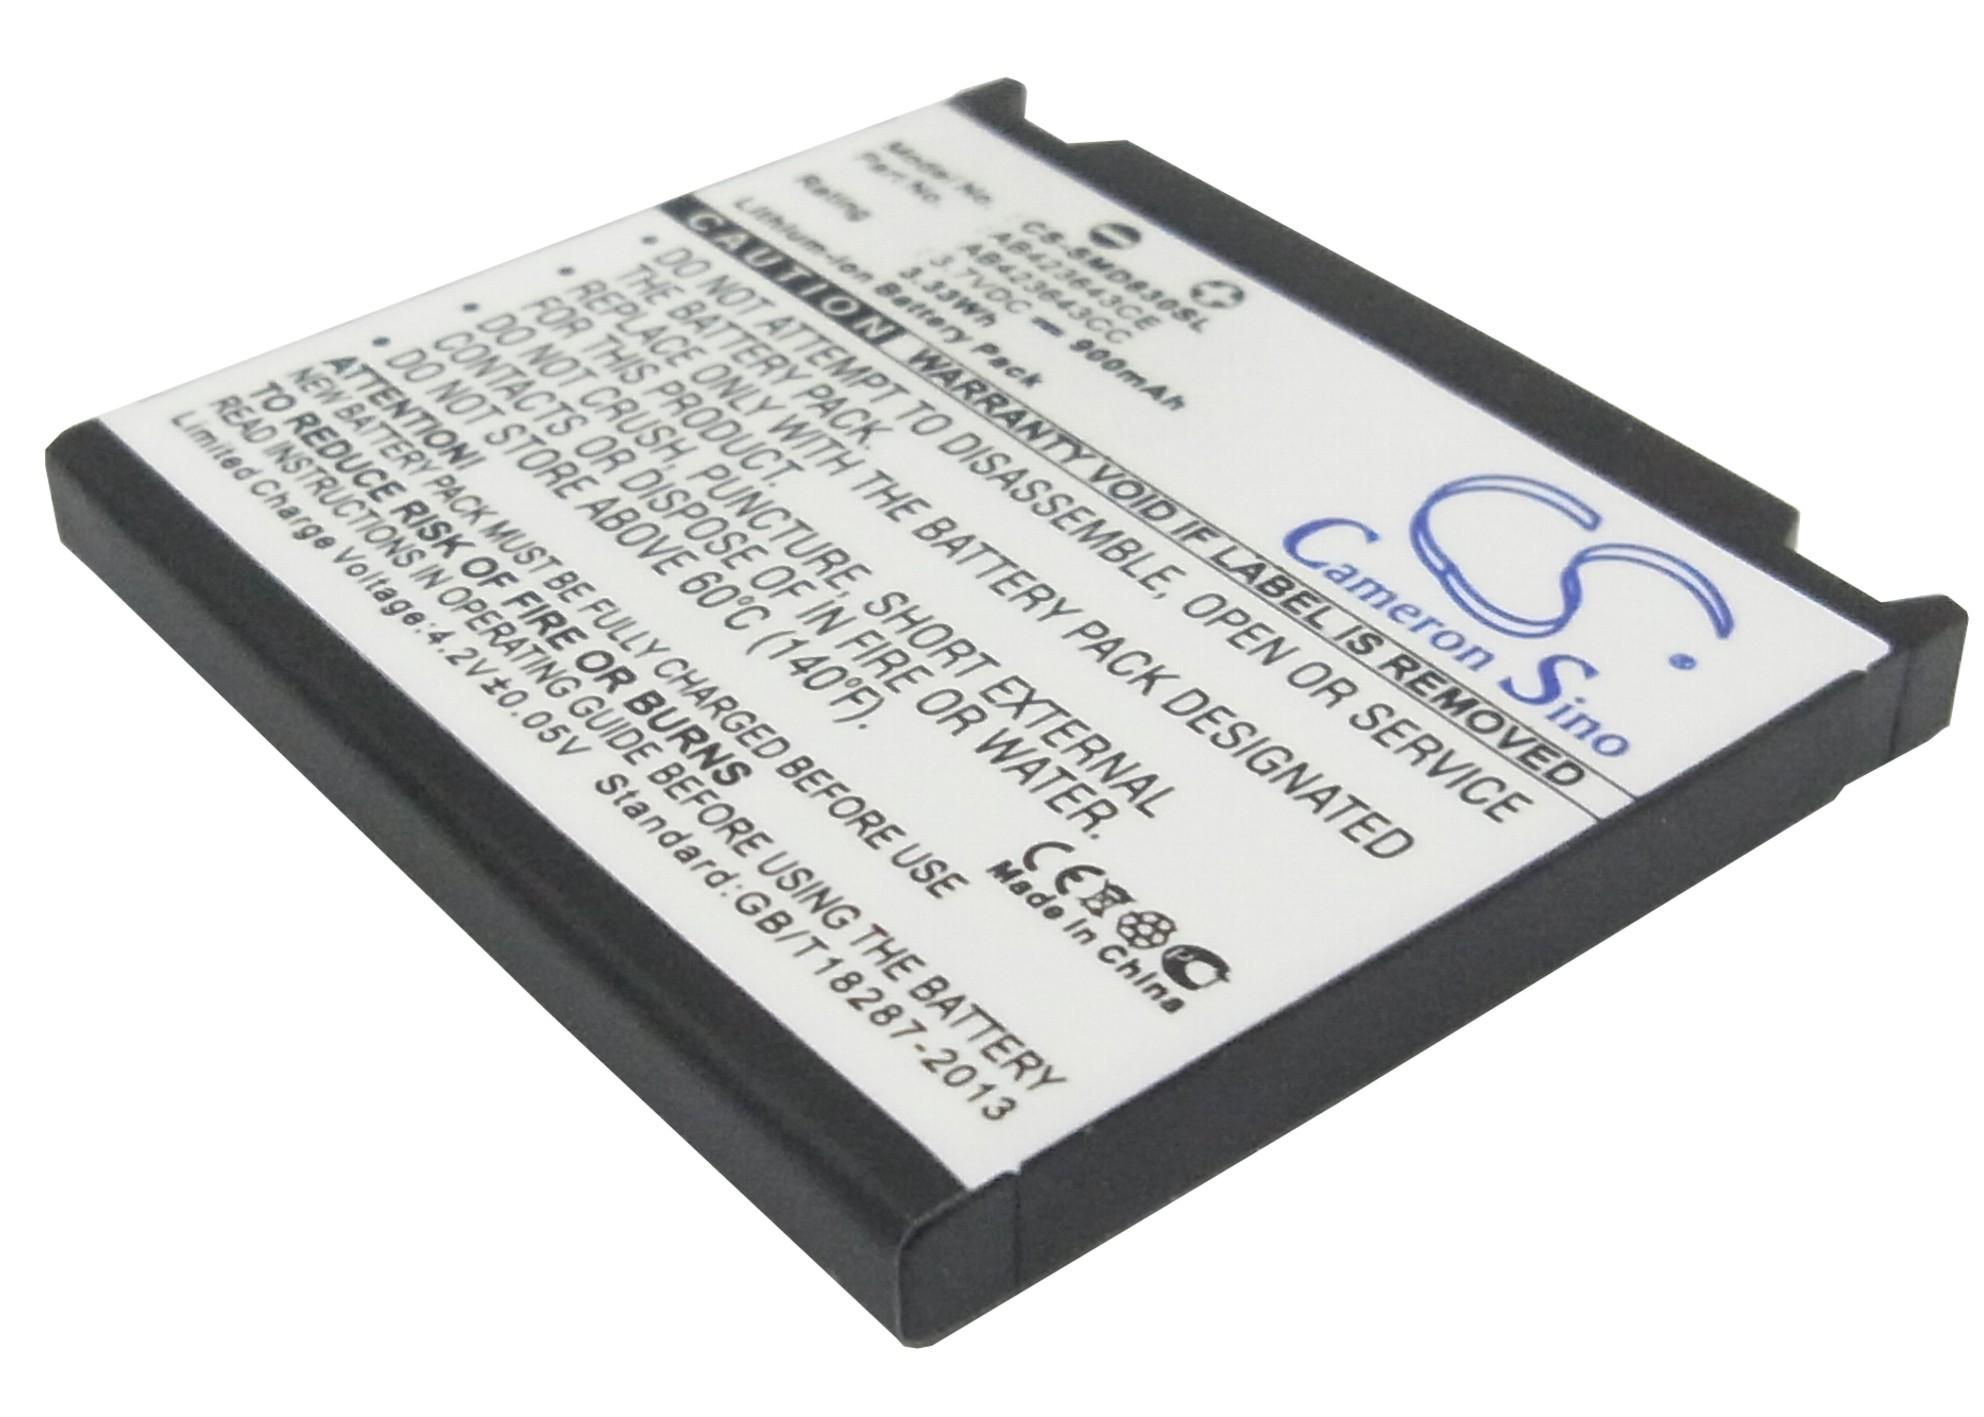 Cameron Sino baterie do mobilů pro SAMSUNG SGH-E840 3.7V Li-ion 900mAh černá - neoriginální